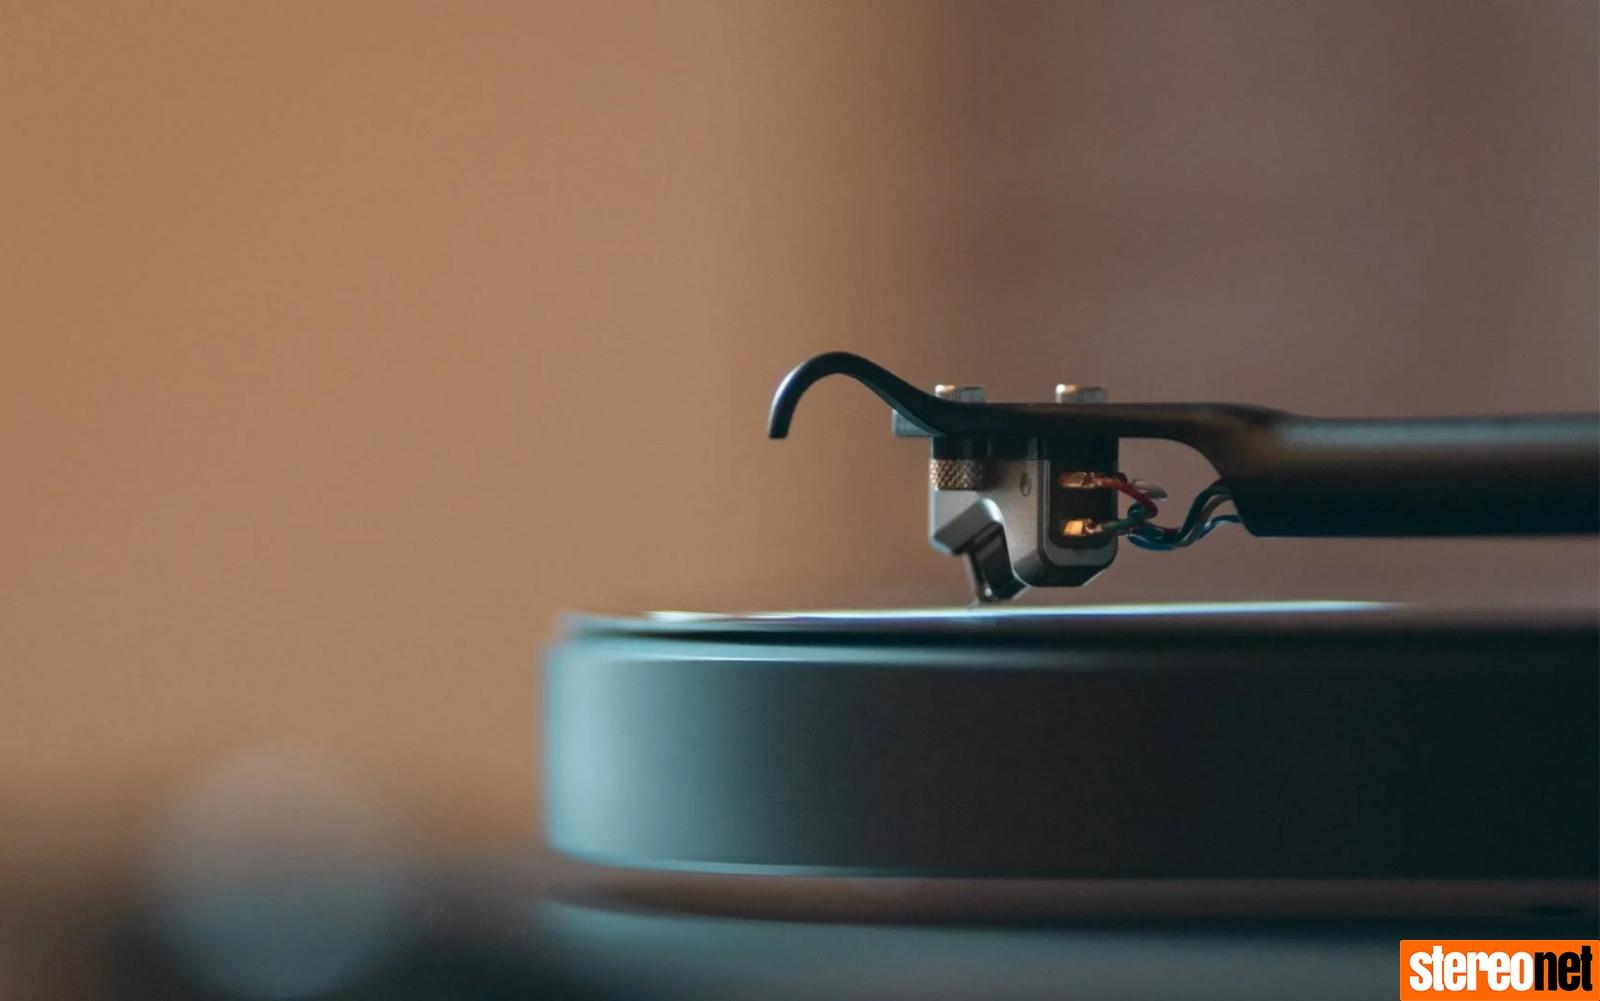 Cambridge Audio Alva MC review